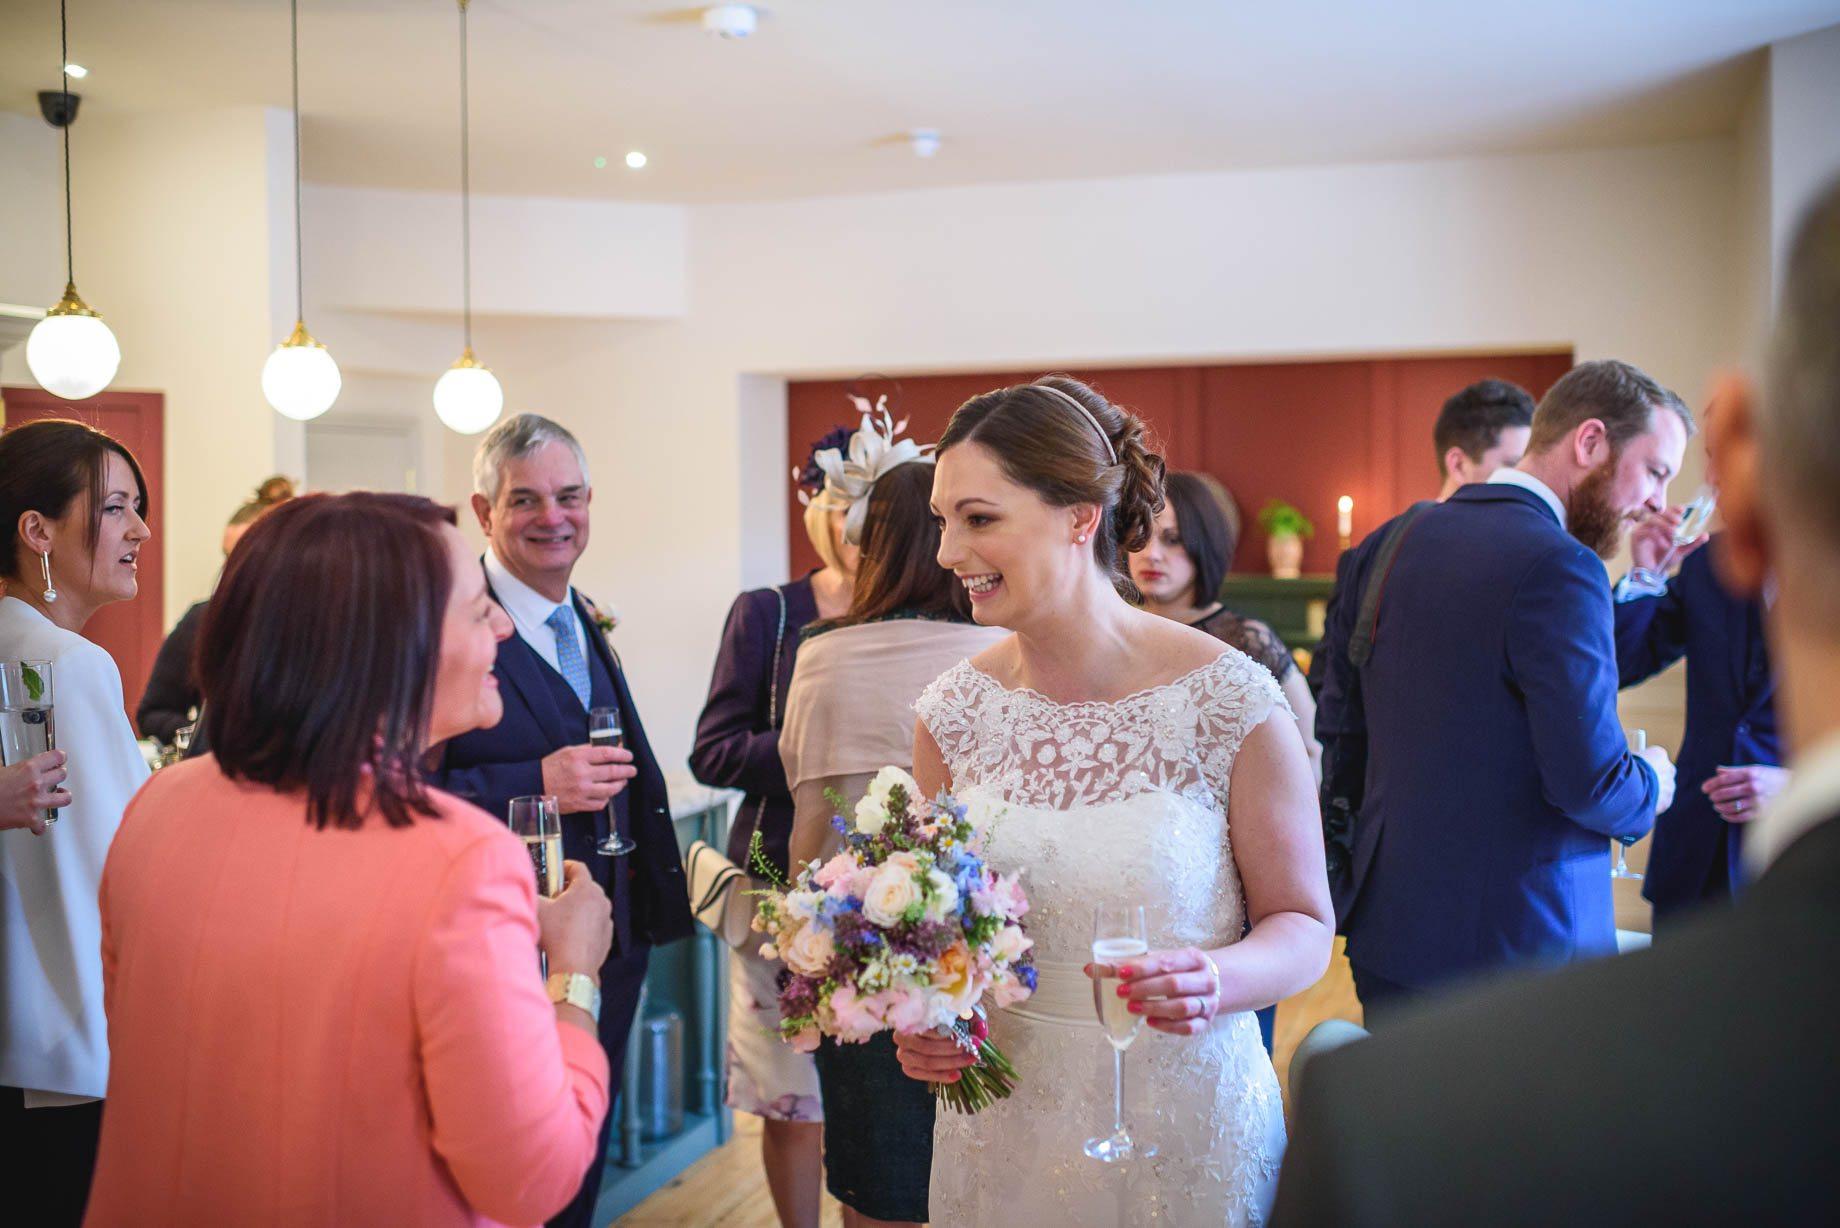 Millbridge Court Wedding Photography - Lisa and Daniel (72 of 173)